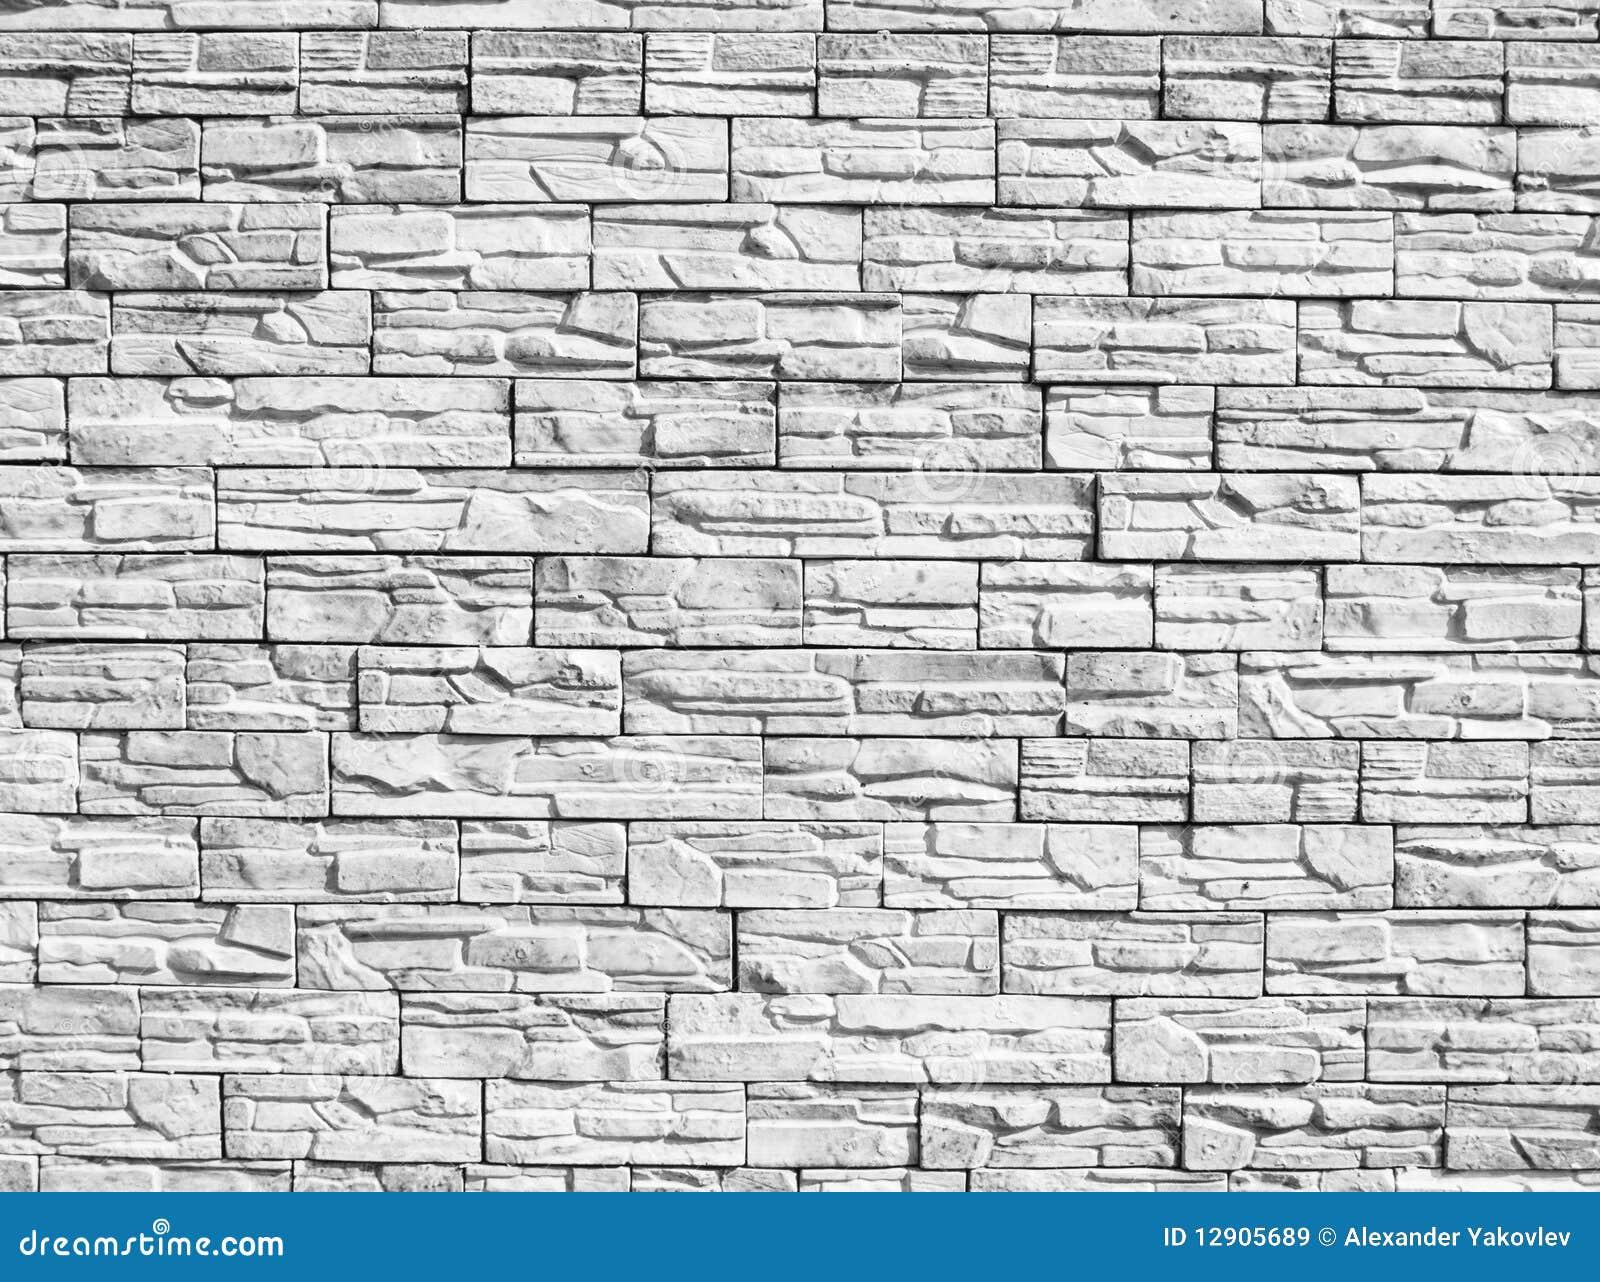 wand der dekorativen steine lizenzfreie stockbilder bild 12905689. Black Bedroom Furniture Sets. Home Design Ideas